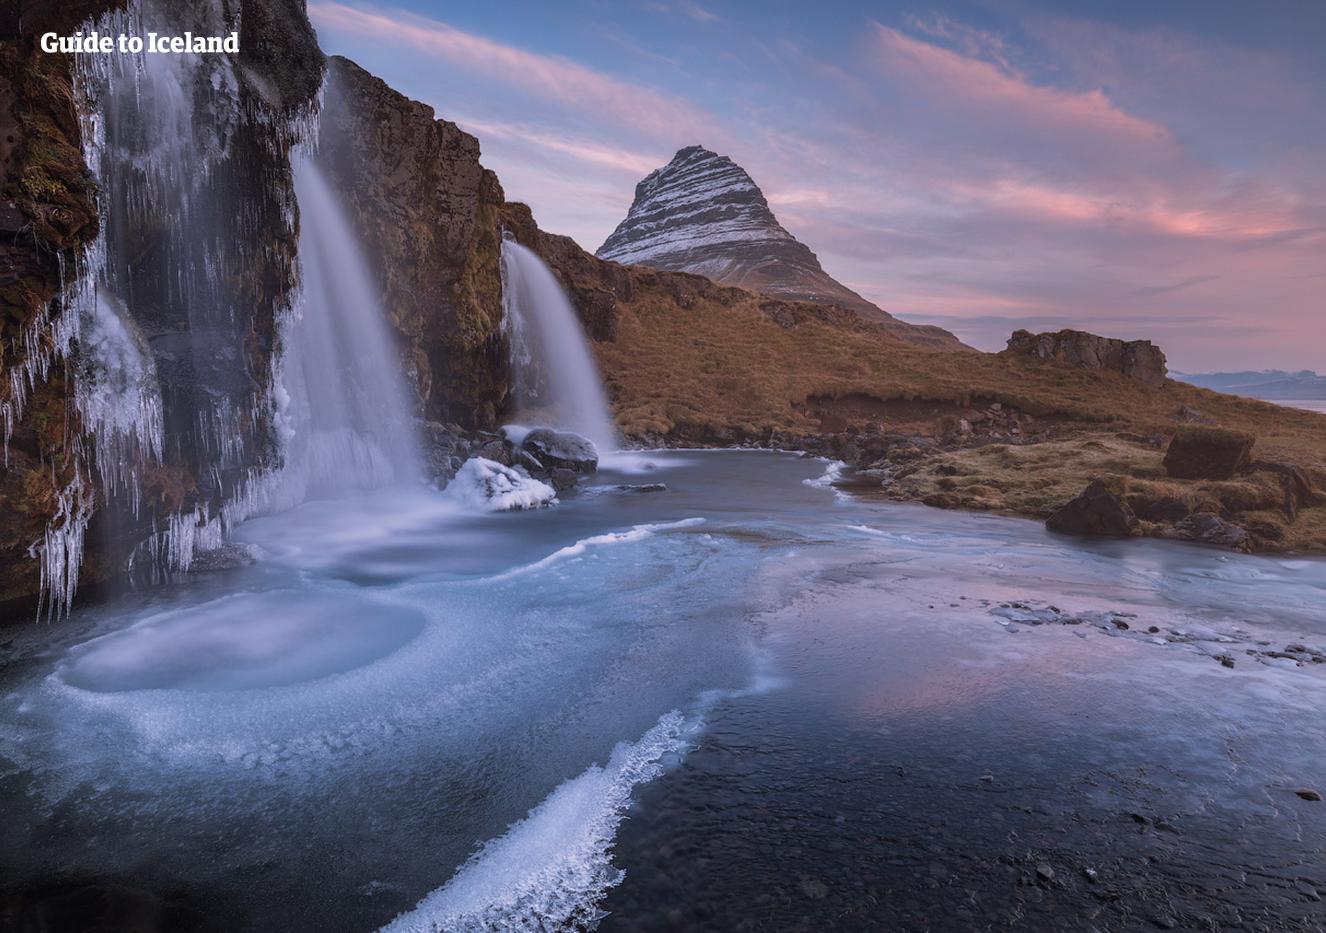 教会山瀑布(Kirkjufellsfoss)是位于冰岛西部斯奈山半岛教会山Kirkjufell前的美丽瀑布